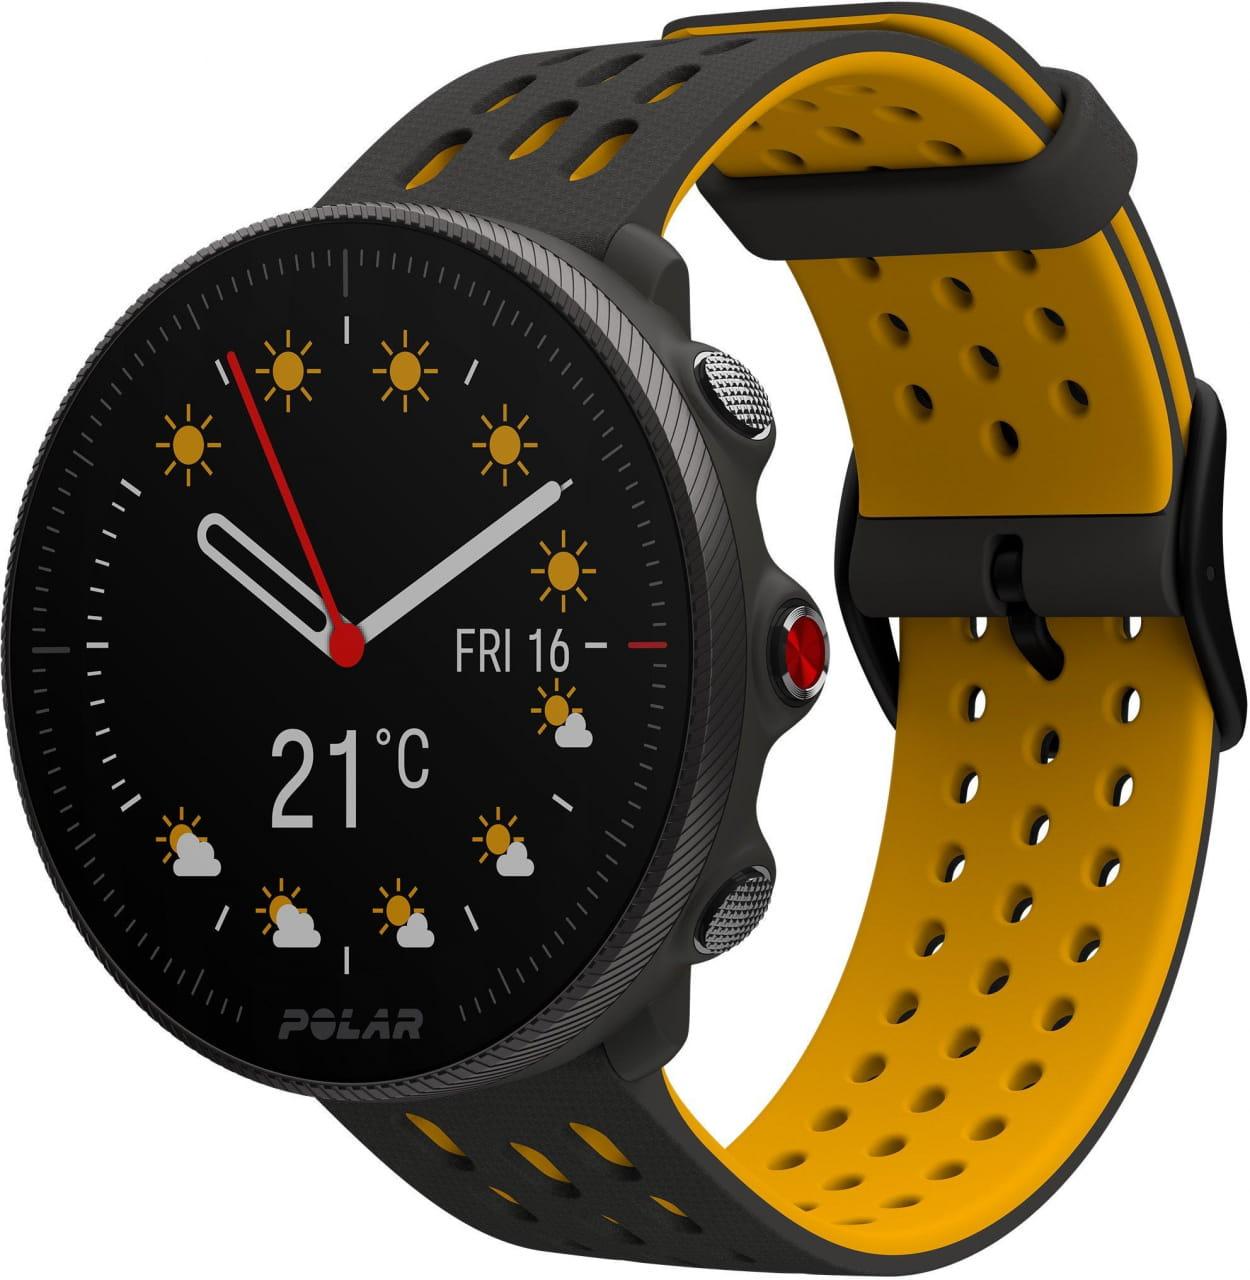 Běžecké a sportovní hodinky s GPS Polar Vantage M2 šedý/žlutý, vel. S-L